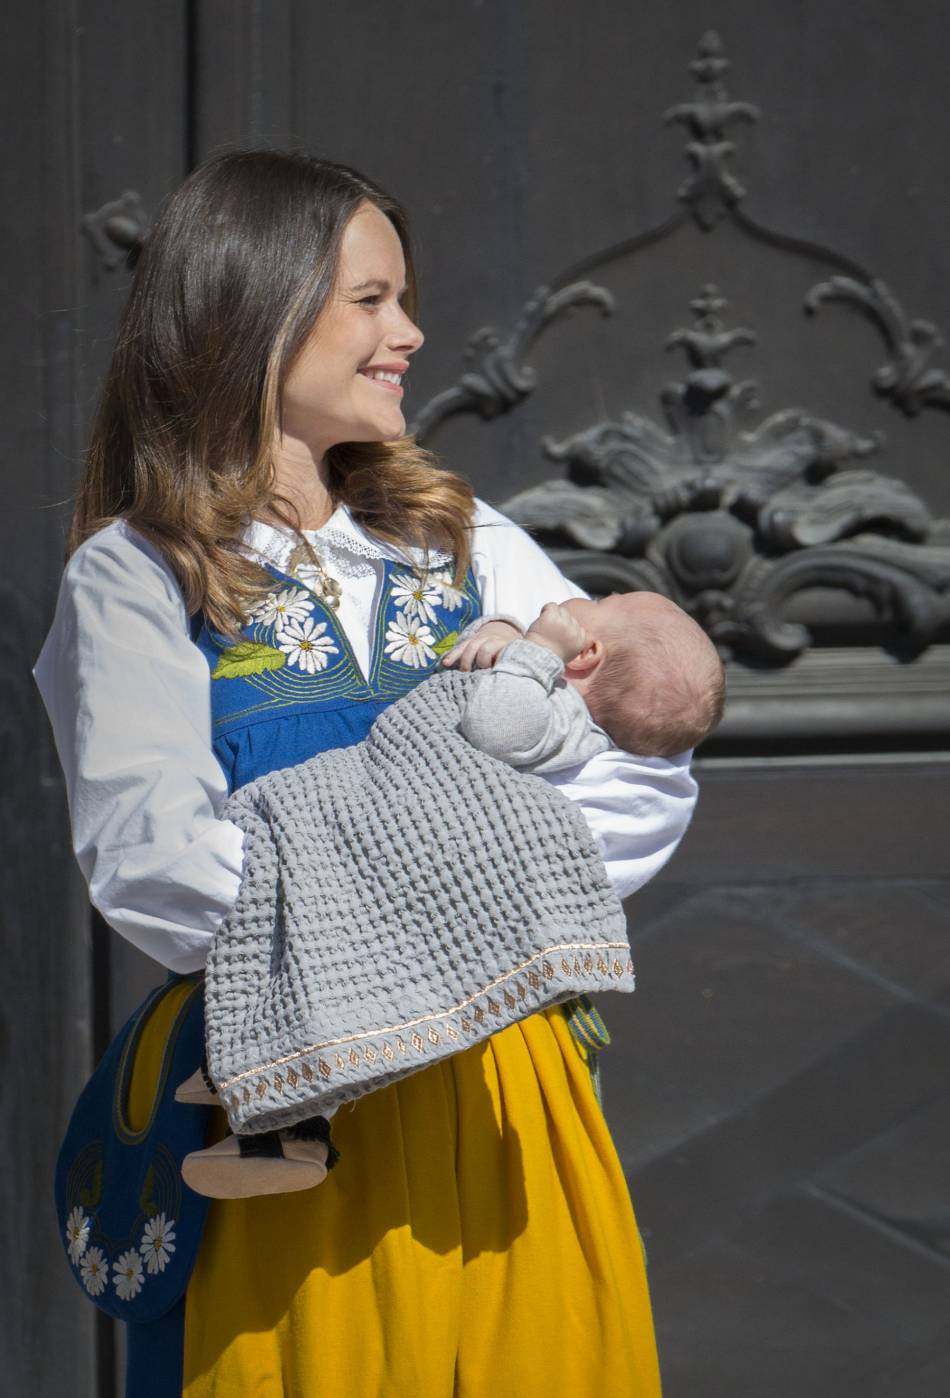 Sofia de Suède, une jeune maman rayonnante de bonheur dans sa tenue folklorique.